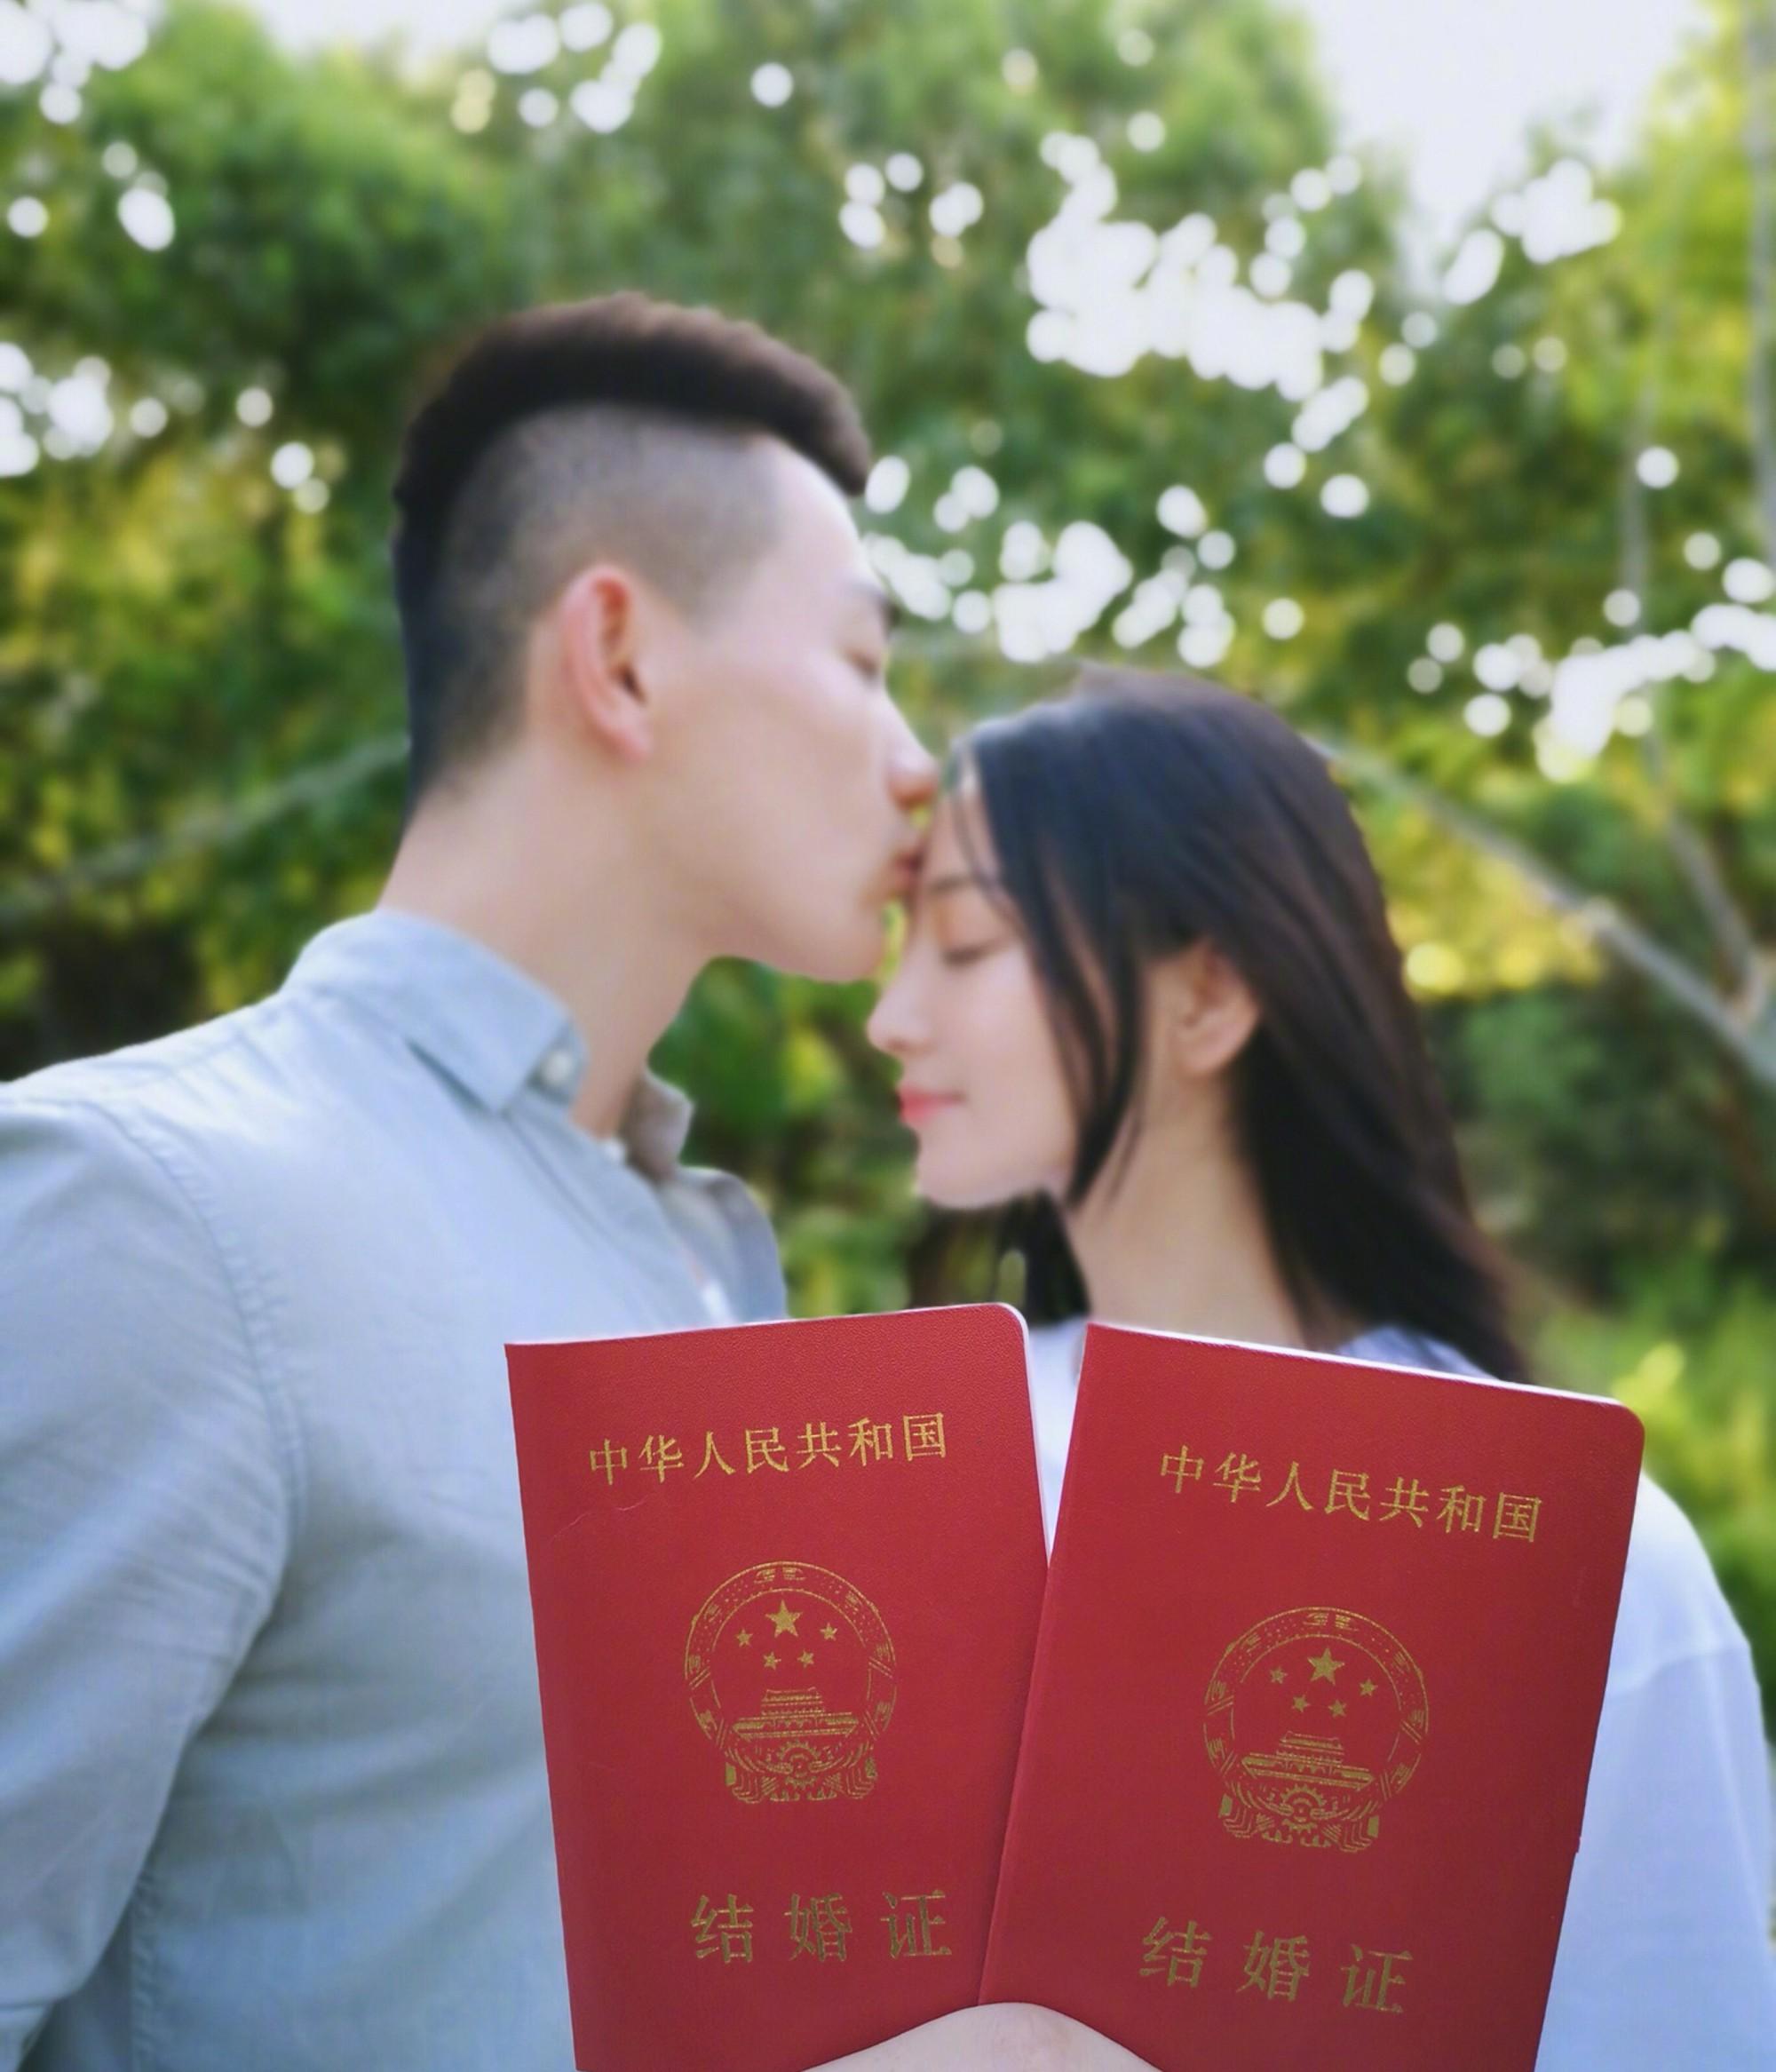 """Cao tay như tình địch 1 thời của Phạm Băng Băng: Giữa lúc """"kẻ thù"""" vào thời kì nước sôi lửa bỏng thì tuyên bố kết hôn - Ảnh 4."""